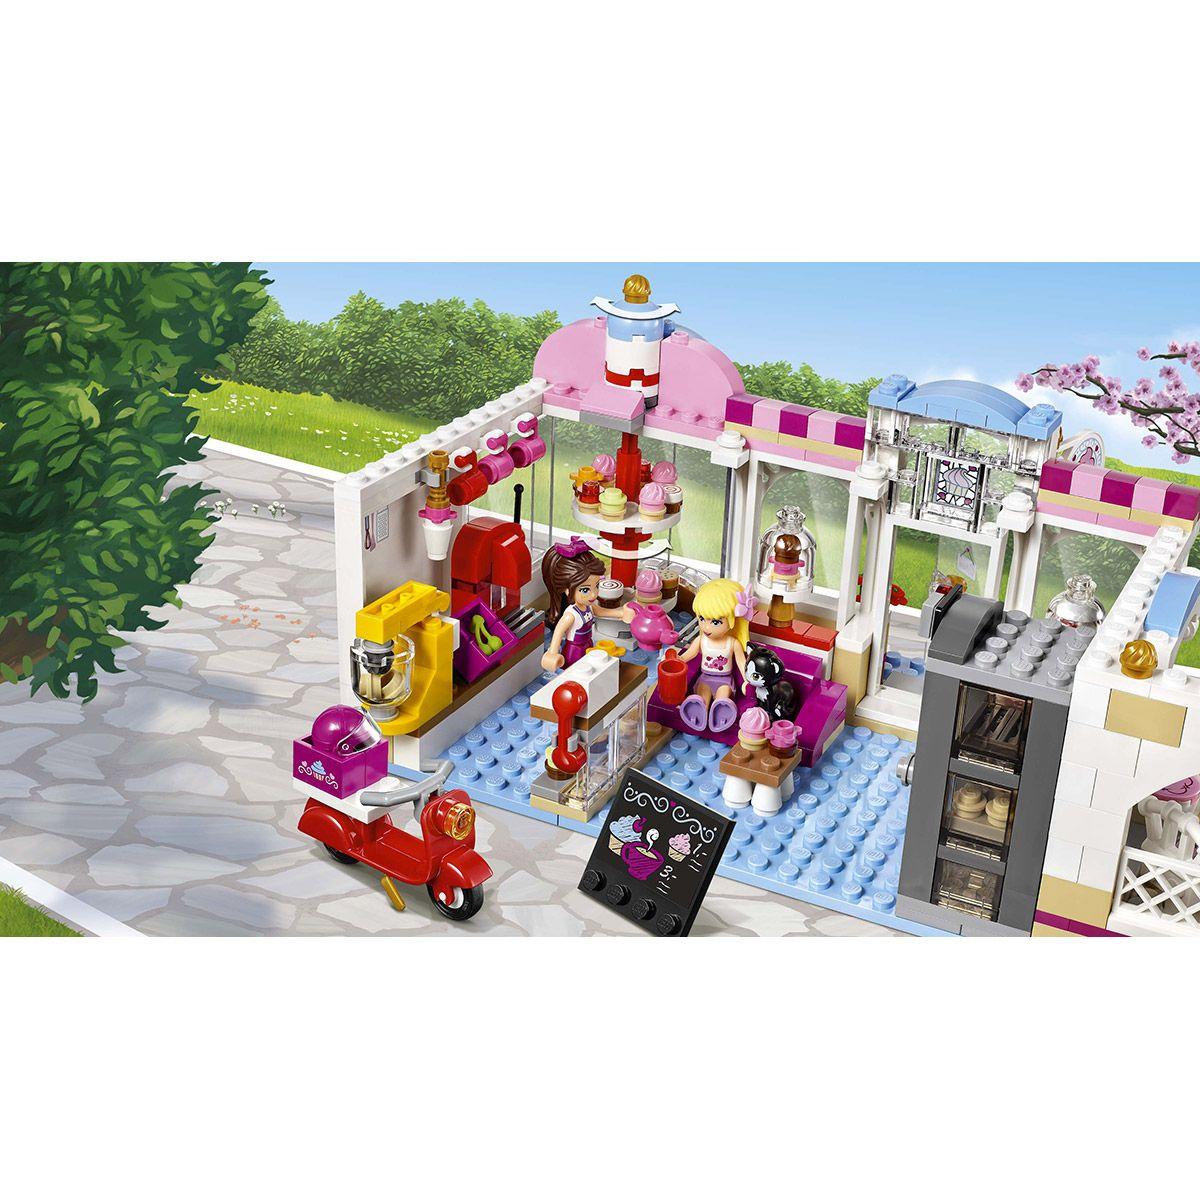 City Et Cupcake Lego® D'heartlake Café Friends 41119 Ville Le KJc3FlT1